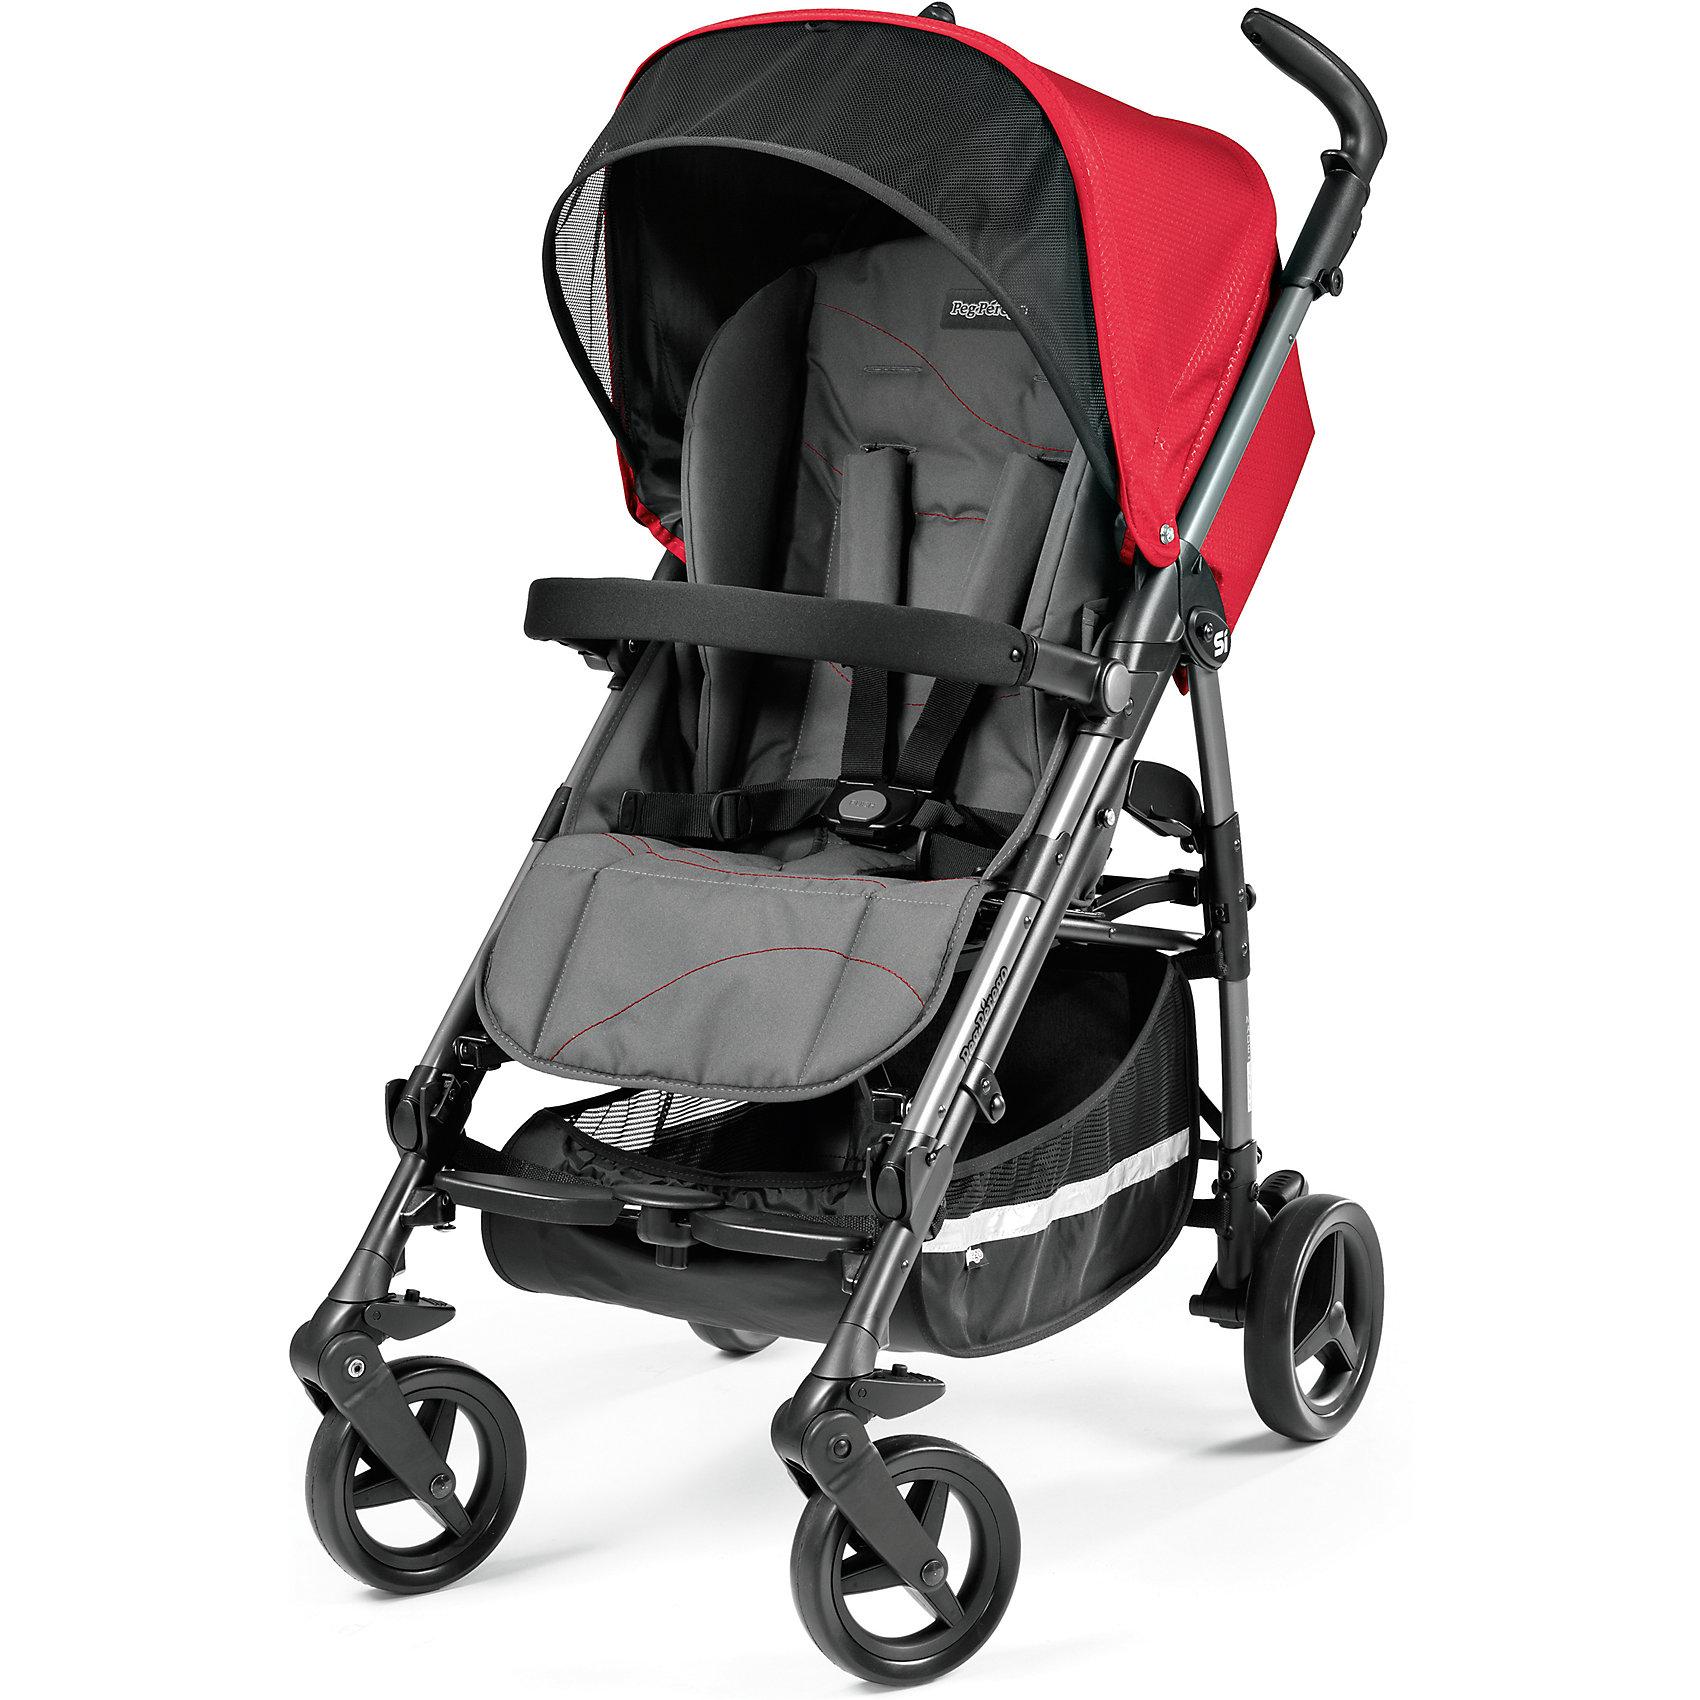 Коляска-трость Peg-Perego Si Completo, Bloom RedПрогулочные коляски<br>Коляска-трость Si Completo, Peg-Perego - легкая современная прогулочная коляска, которая отвечает всем требованиям комфорта и безопасности малыша. Современный дизайн, легкость управления и маневренность делают ее идеальной для использования в любой ситуации.<br>Коляска оснащена удобным для ребенка эргономичным сиденьем с мягкими 5-точечными ремнями безопасности и мягким съемным бампером. Спинка раскладывается в 3 различных положениях для комфортного отдыха. Регулируемая подножка обеспечивает малышу правильную<br>осанку. Чехол для ножек создаст дополнительное тепло, а складной капюшон с солнцезащитным козырьком и креплением для игрушки защитит от солнца и дождя. Для родителей предусмотрены удобные, регулируемые по высоте ручки и вместительная корзина для принадлежностей<br>малыша. <br><br>Коляска оснащена 4 колесами: передние колеса - плавающие с амортизаторами и возможностью фиксации, задние колеса - с центральным тормозом. Коляска легко и компактно складывается тростью с помощью центральной ручки и не занимает много места при хранении. Имеется ручка для транспортировки в сложенном состоянии. Тканевые детали легко чистятся и не выгорают на солнце. В комплекте входят два ремешка, которые позволяют устанавливать на шасси коляски автокресло Primo Viaggio Tri-Fix (продается отдельно). Подходит для детей от 6 месяцев до 3 лет.<br><br><br>Особенности:<br><br>- удобна для транспортировки и хранения;<br>- эргономичное прогулочное сиденье;<br>- большой капюшон с солнцезащитным козырьком;<br>- регулируемый в 3 положениях наклон спинки;<br>- корзина для вещей ребенка;<br>- чехол на ноги;<br>- передние плавающие колеса с возможностью фиксации;<br>- легко и компактно складывается.<br><br><br>Дополнительная информация:<br><br>- В комплекте: чехол для ножек, дождевик, съемный бампер, корзина для покупок, адаптеры для крепления автокресла.<br>- Цвет: Bloom Red (красный).<br>- Материал: алюминий, текстиль.<br>- Д